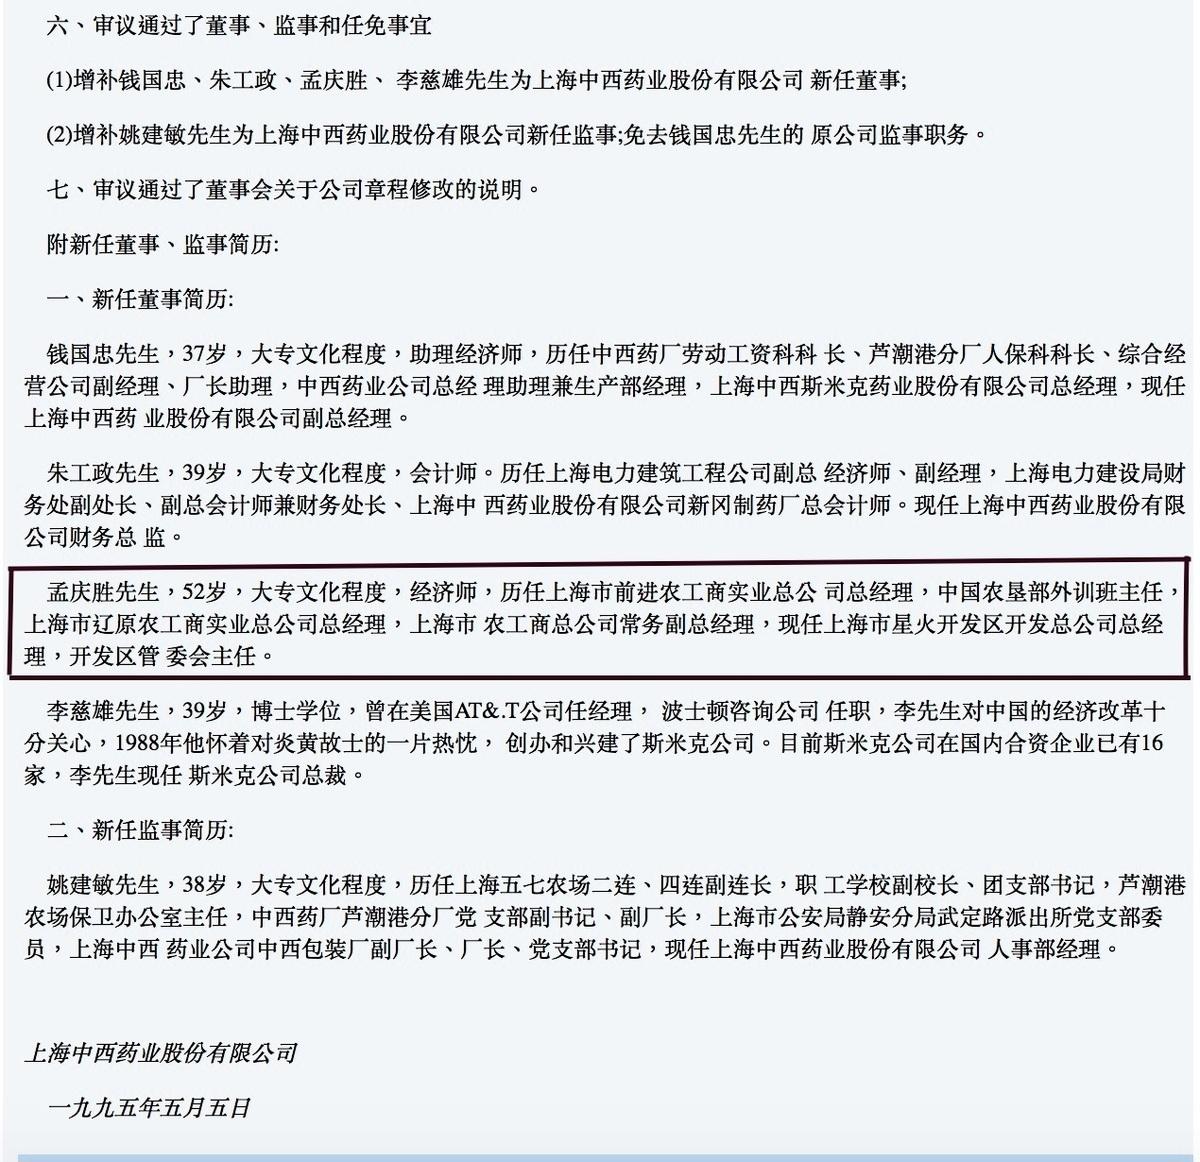 據公開資料顯示,孟慶勝為上海中西藥業股份有限公司董事。(網頁擷圖)